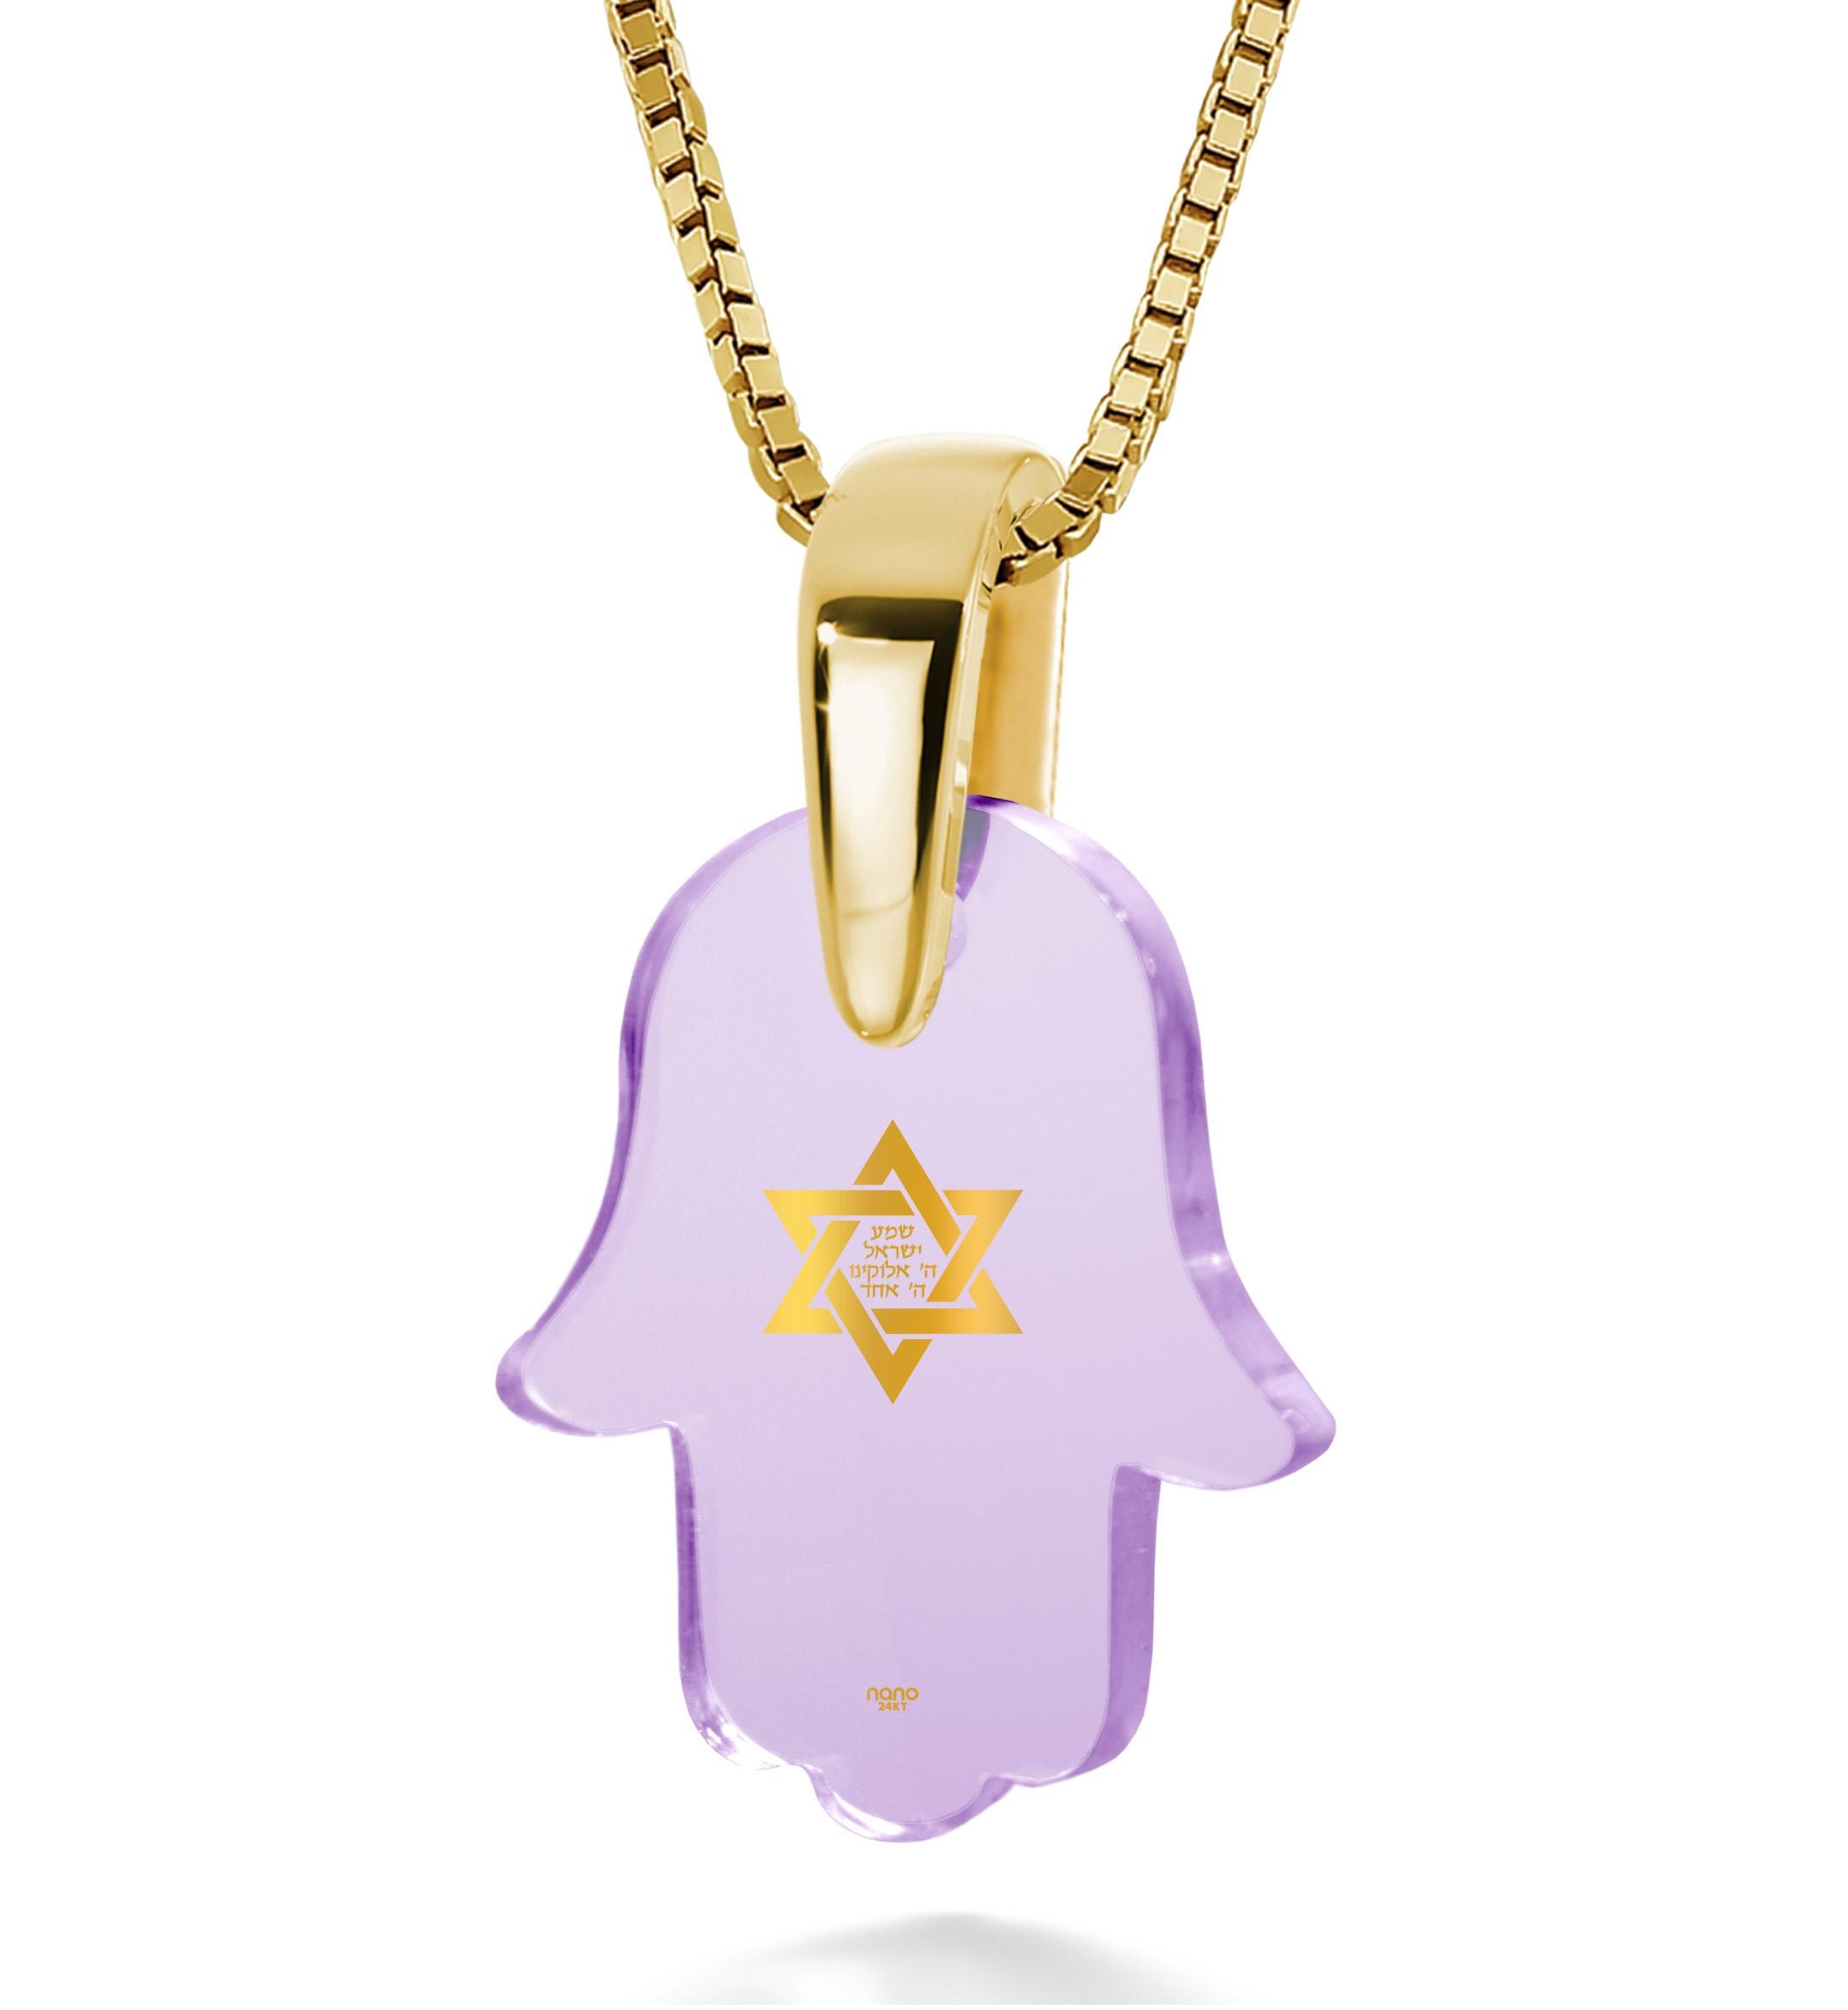 מתנה מקורית לבת מצווה – תליון שמע ישראל - תכשיטי ננומתנה מקורית לבת מצווה – תליון שמע ישראל - תכשיטי ננו